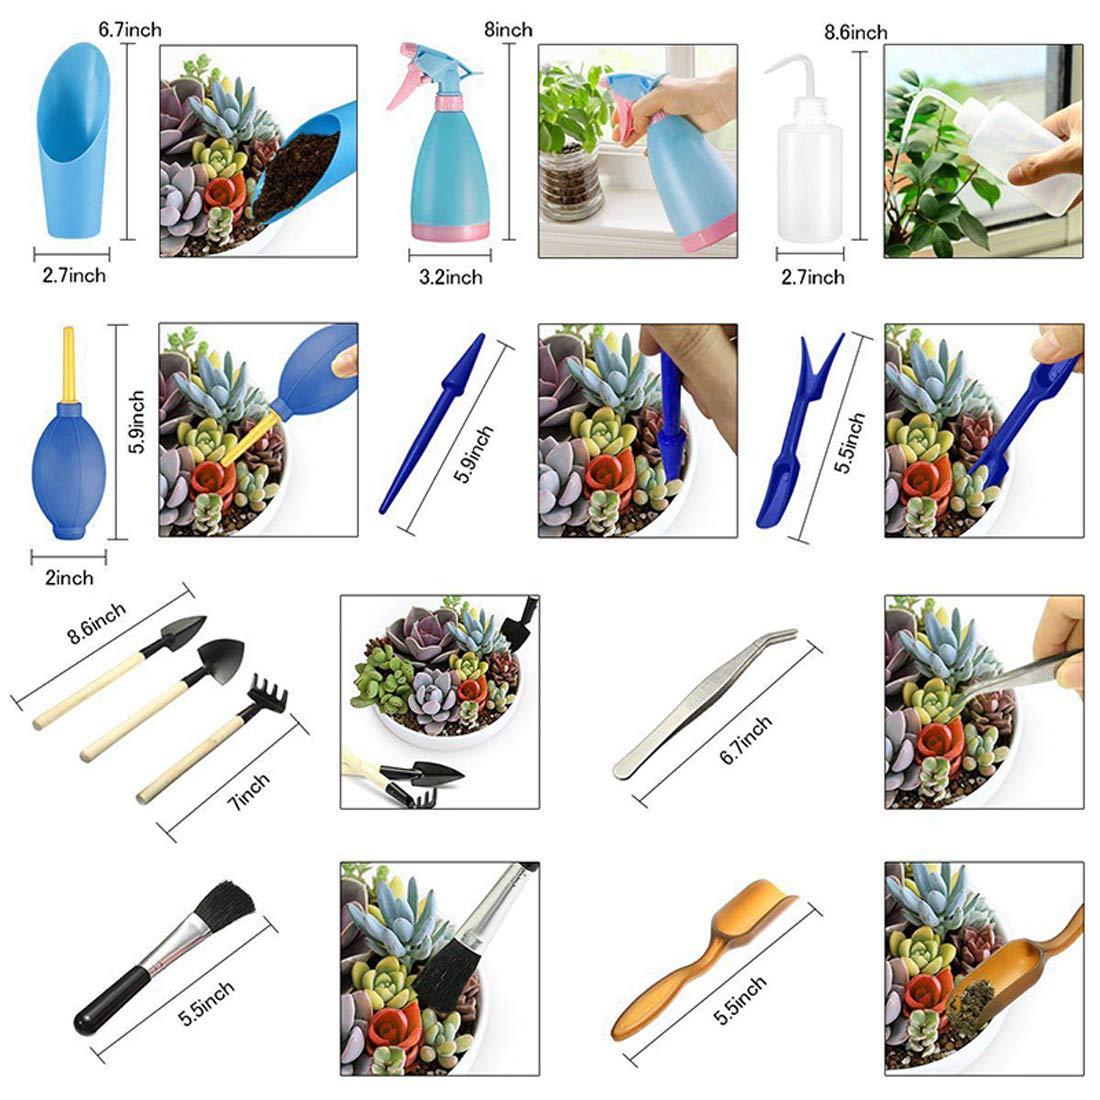 PANTINUE Succulent Garden Hand Tools Kit 14 Pieces Succulent Plants Tools Terrarium Kit